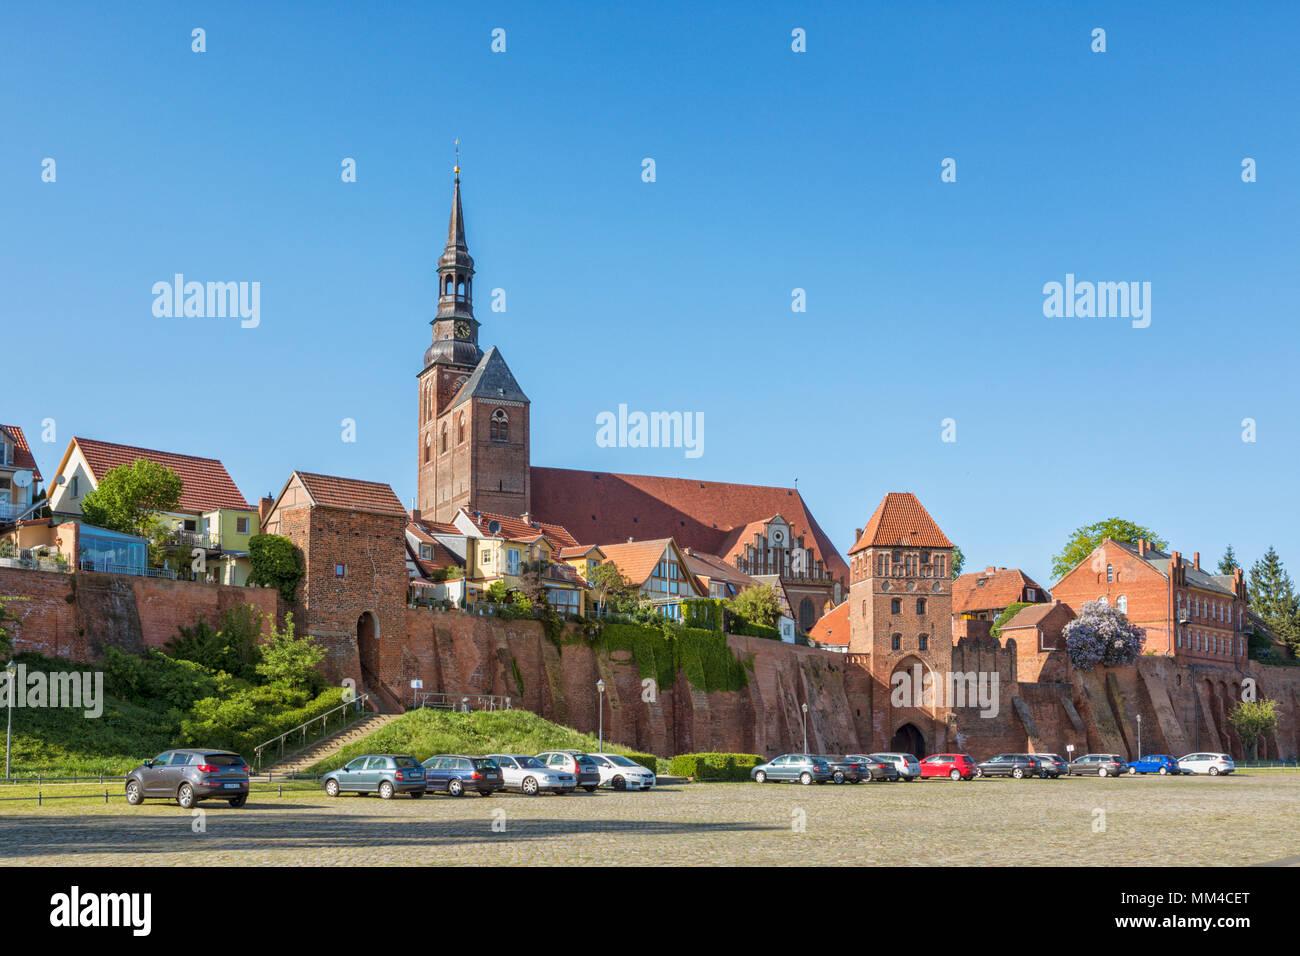 Paisaje urbano Tangermünde, Sajonia-Anhalt, Alemania Imagen De Stock